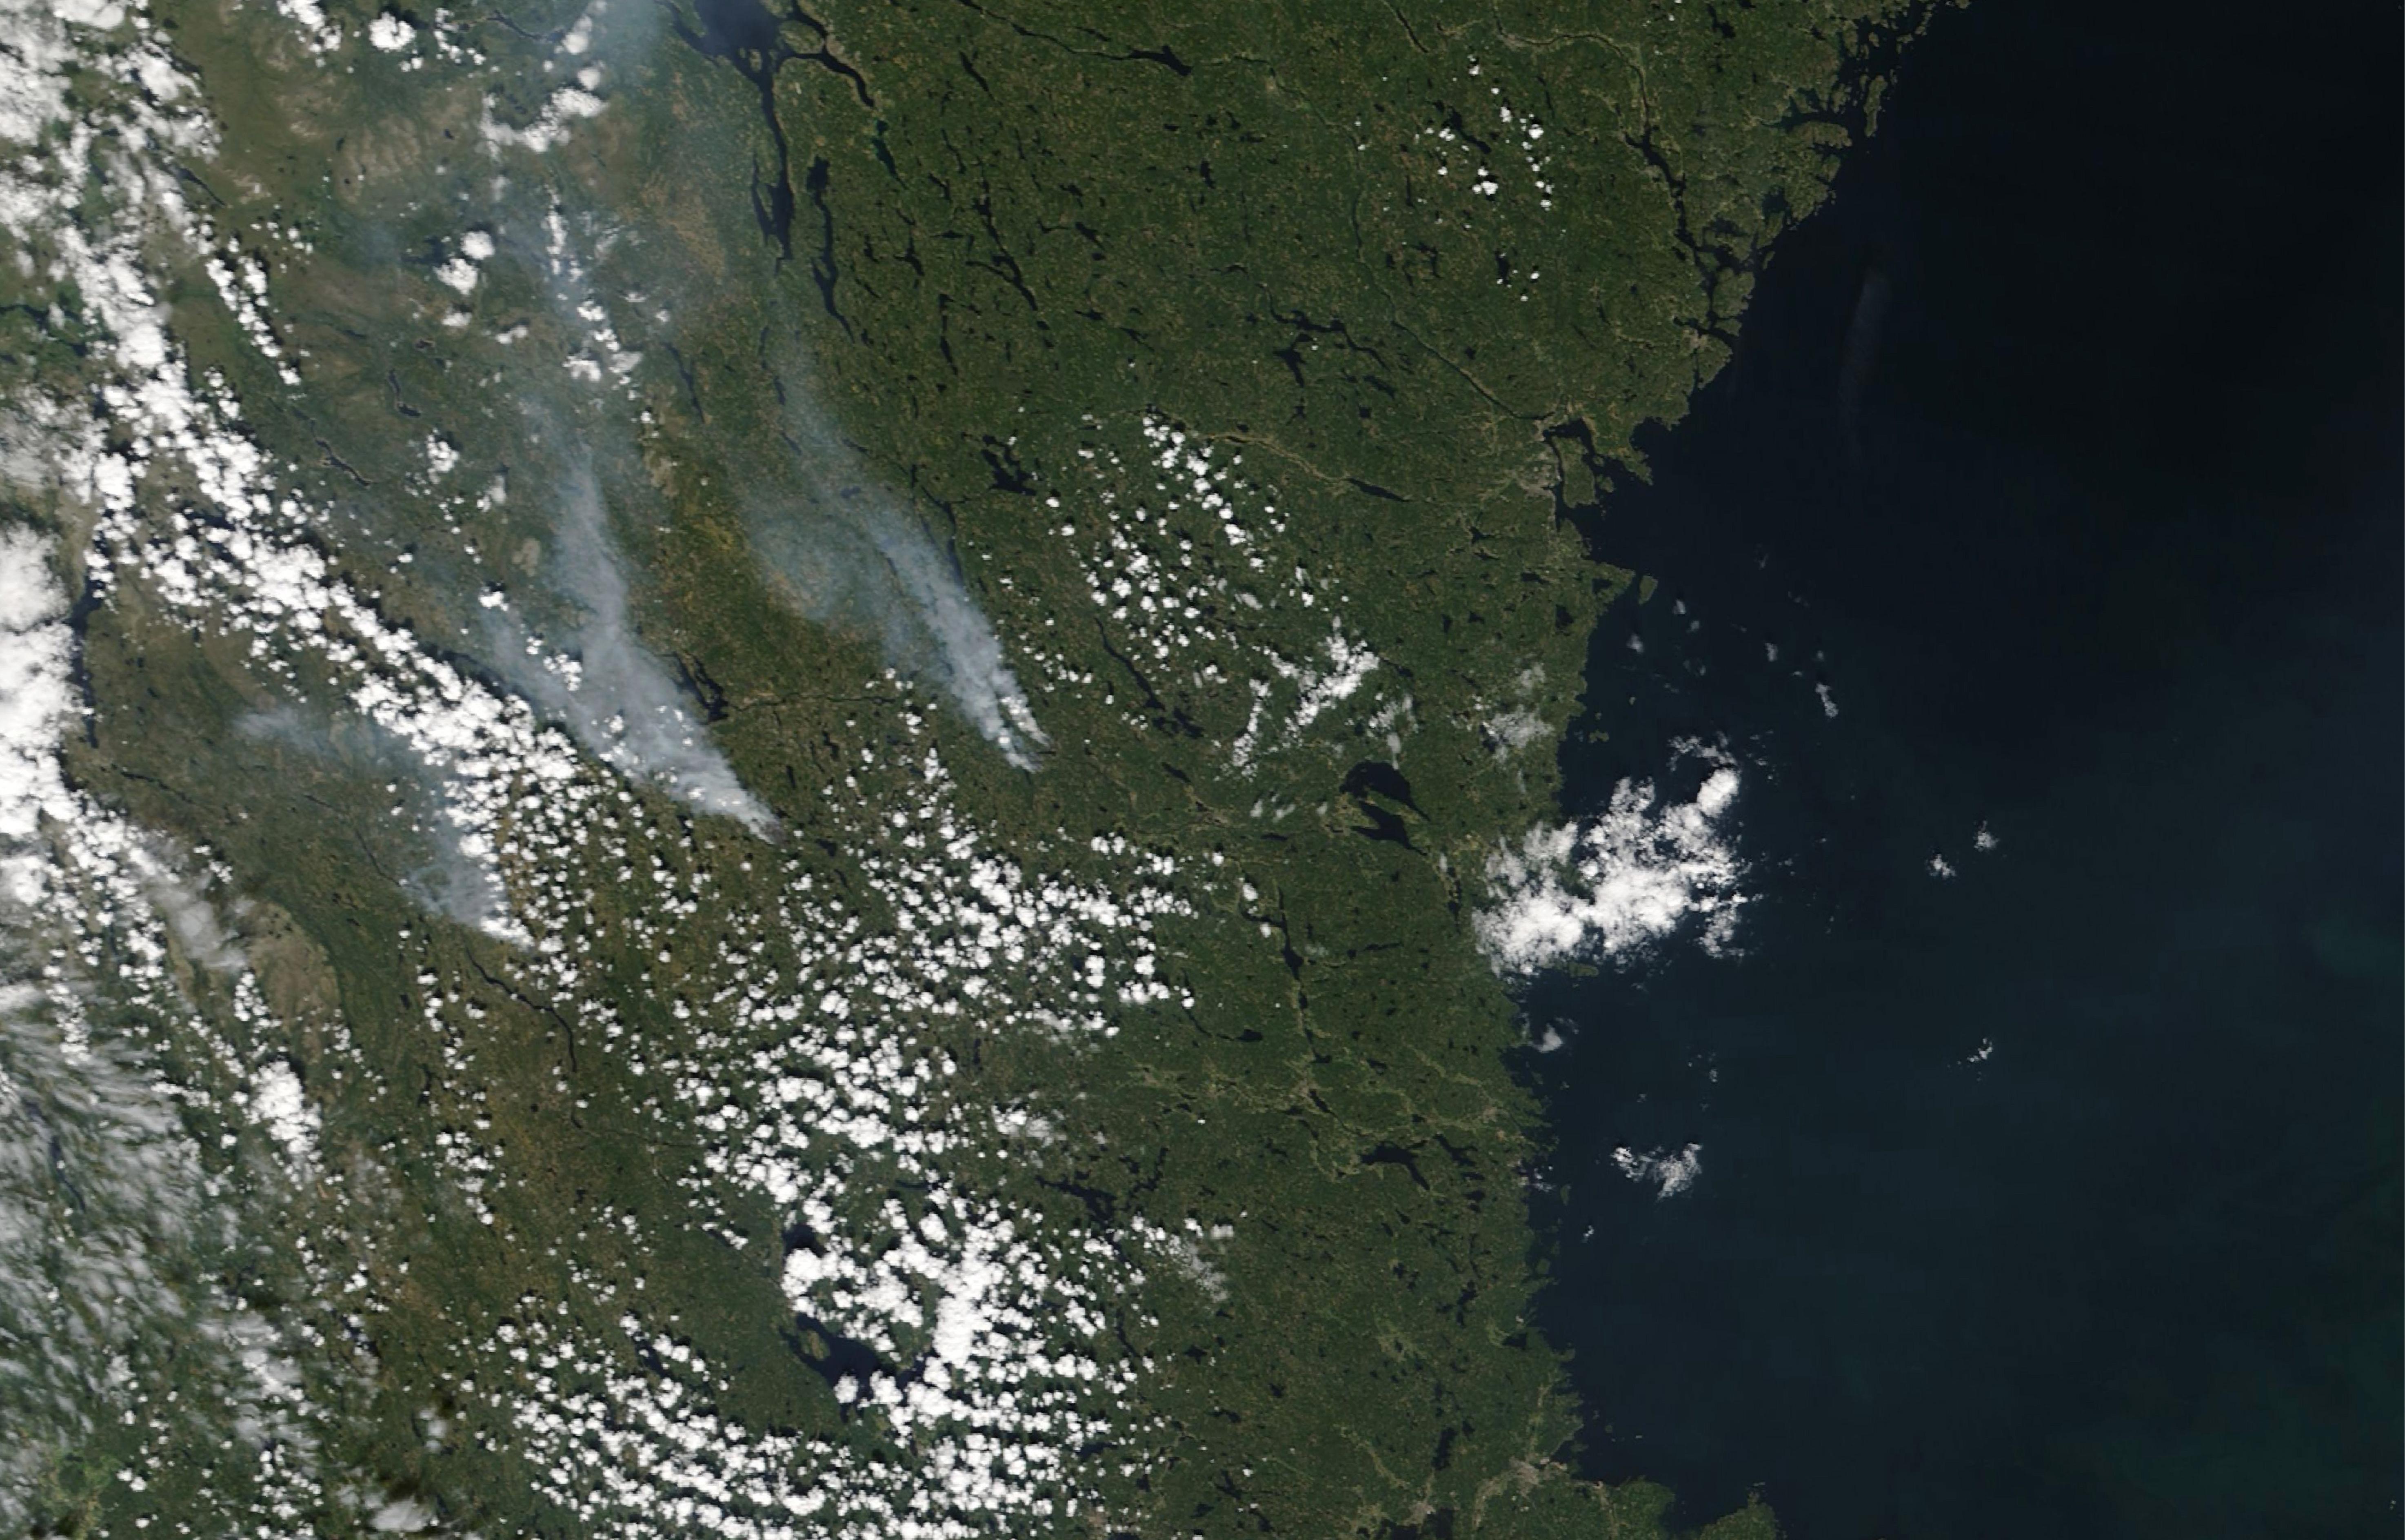 Skogbrannene I Sverige I 2018 Wikipedia